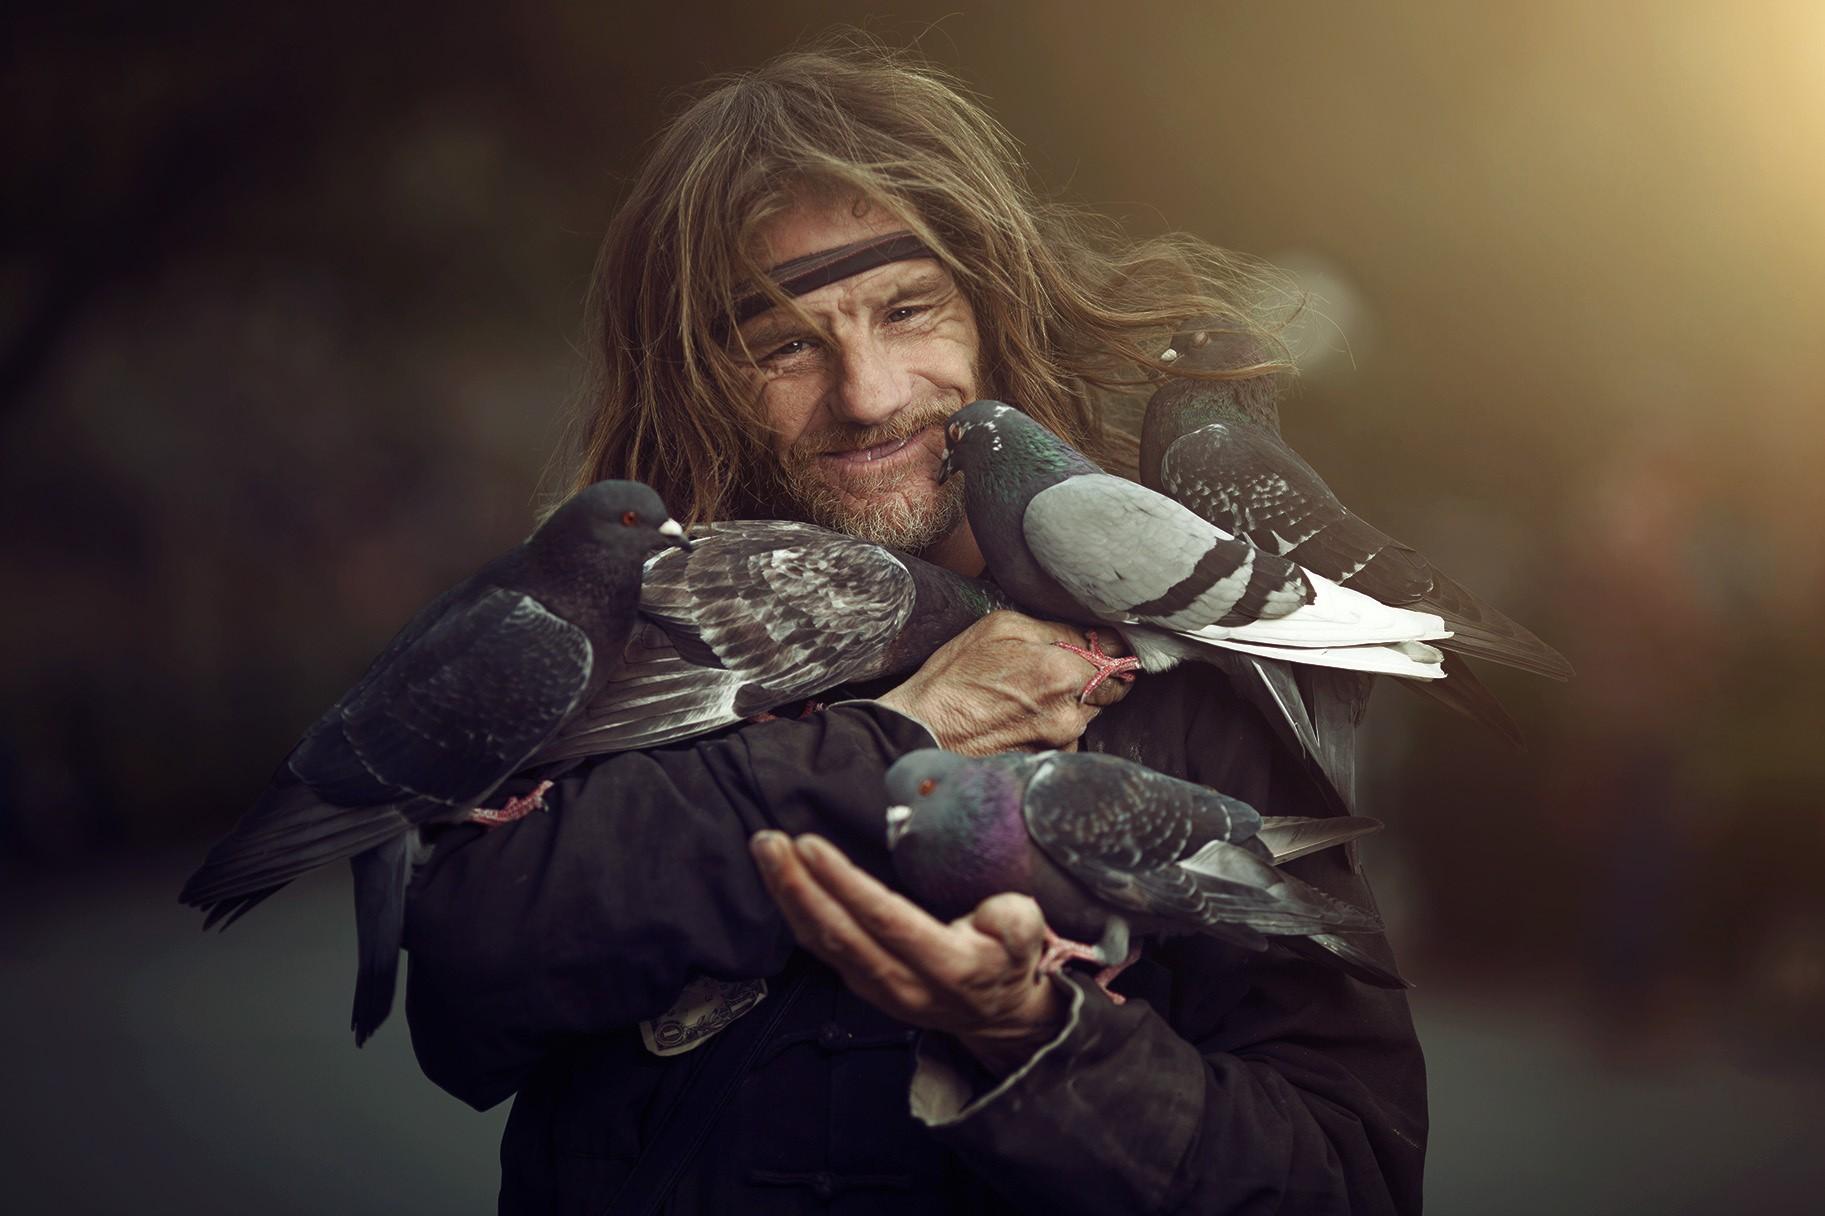 фото птицы и человек картинки праздничного гуляния